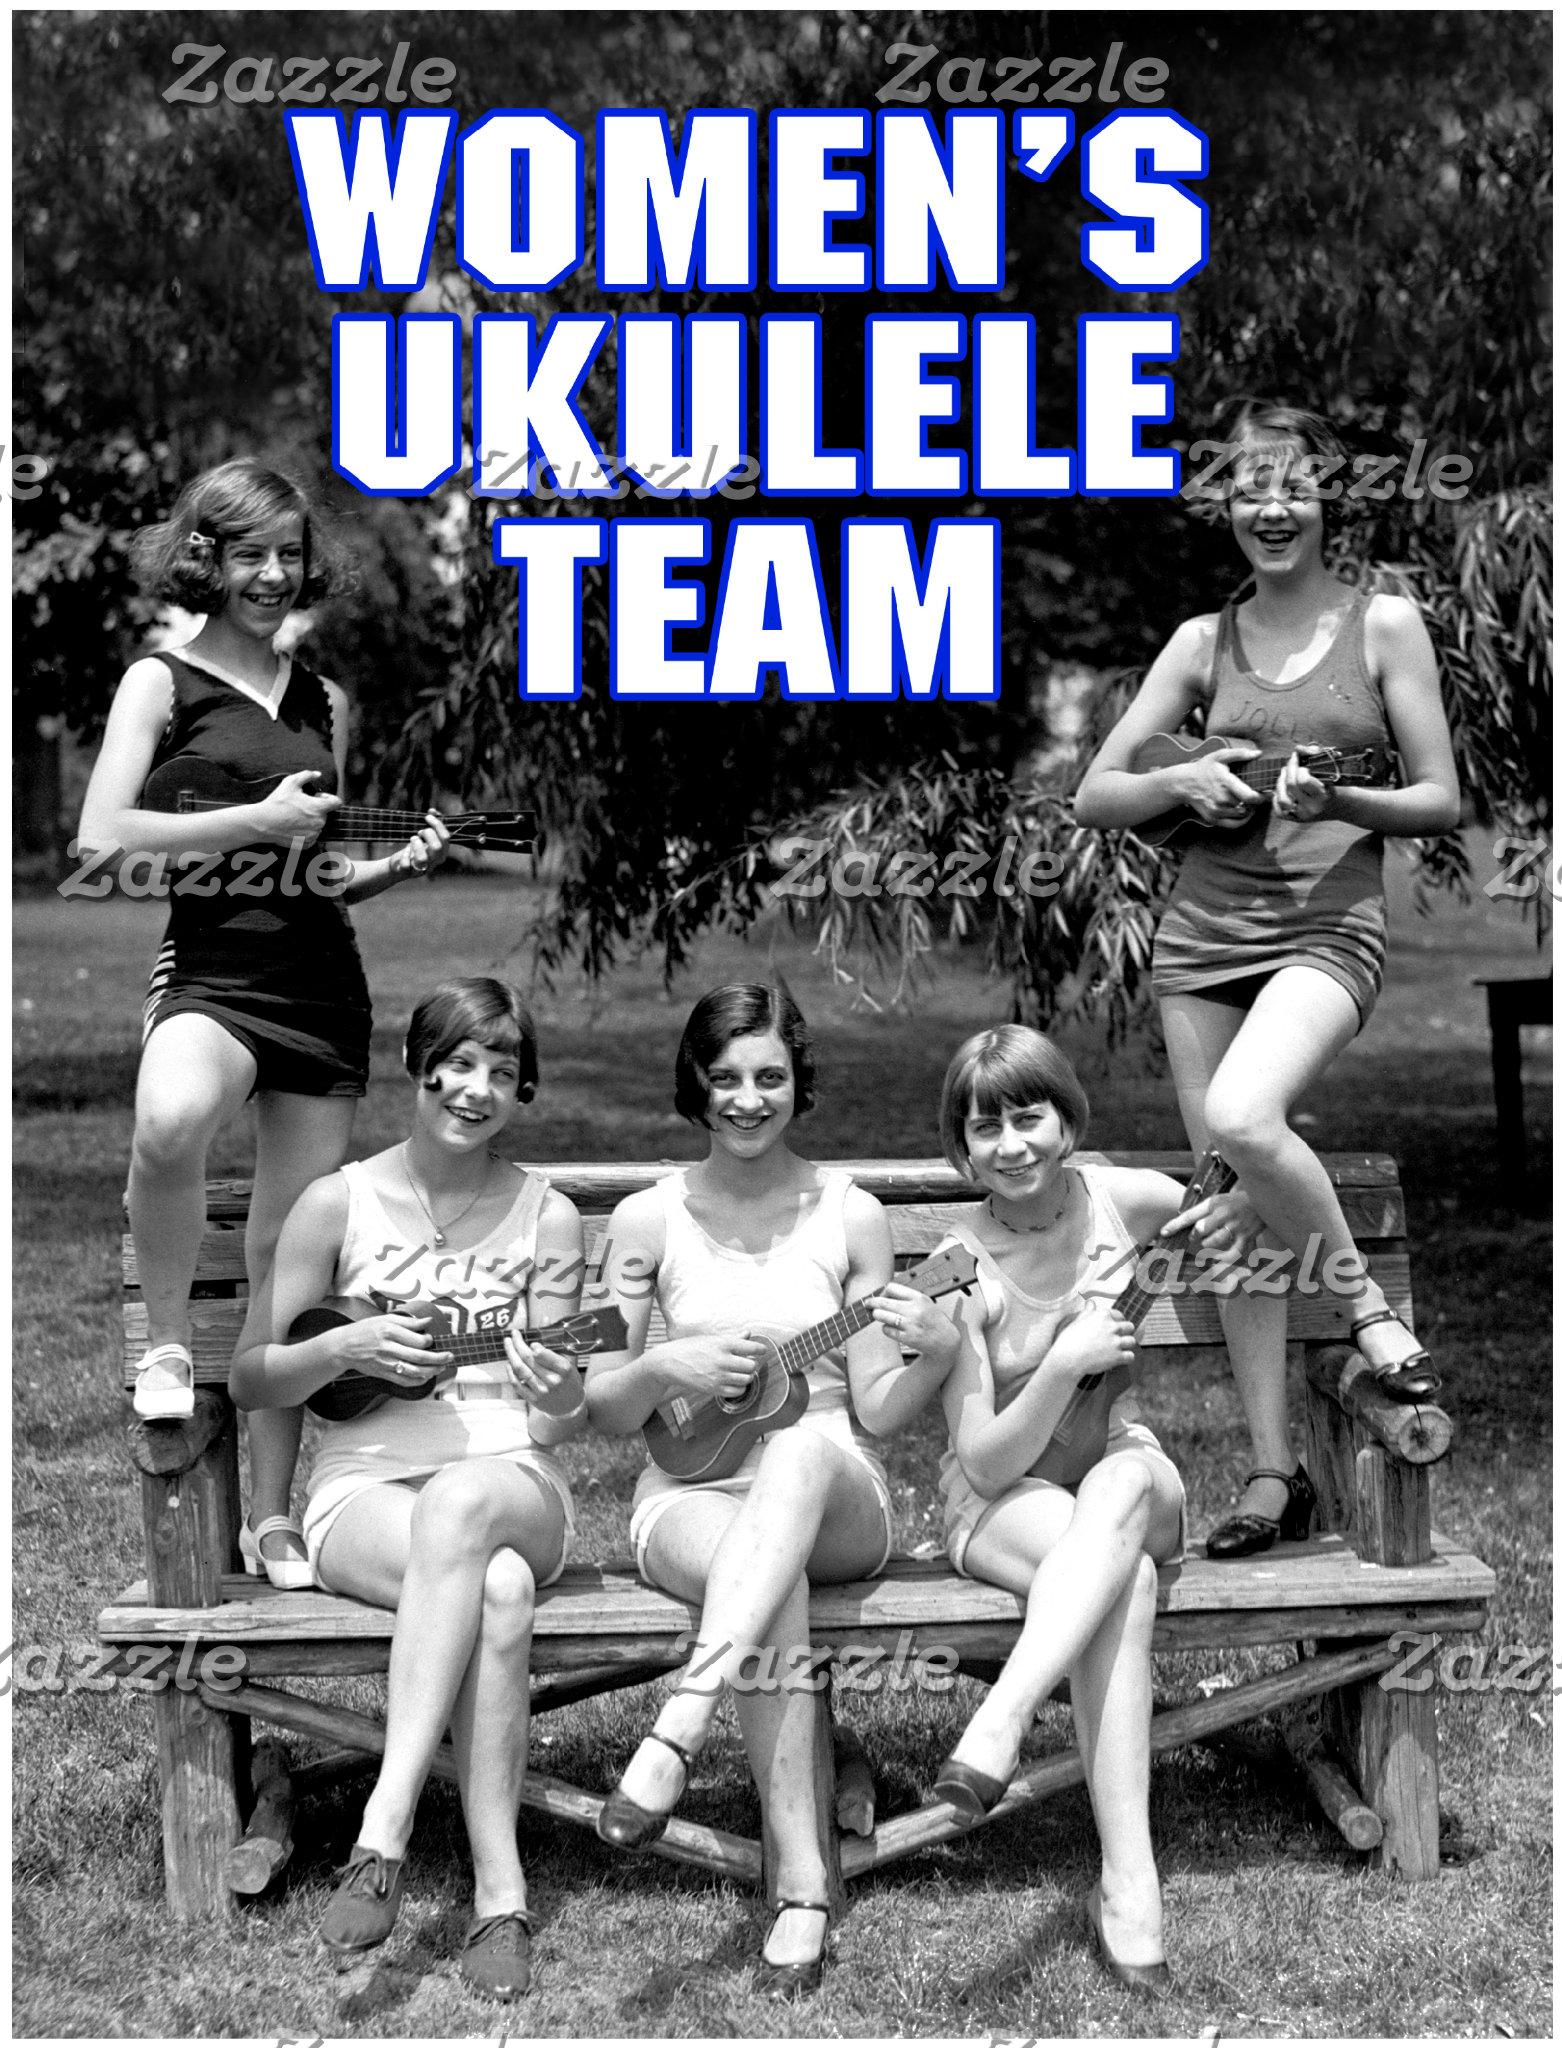 Women's Ukulele Team